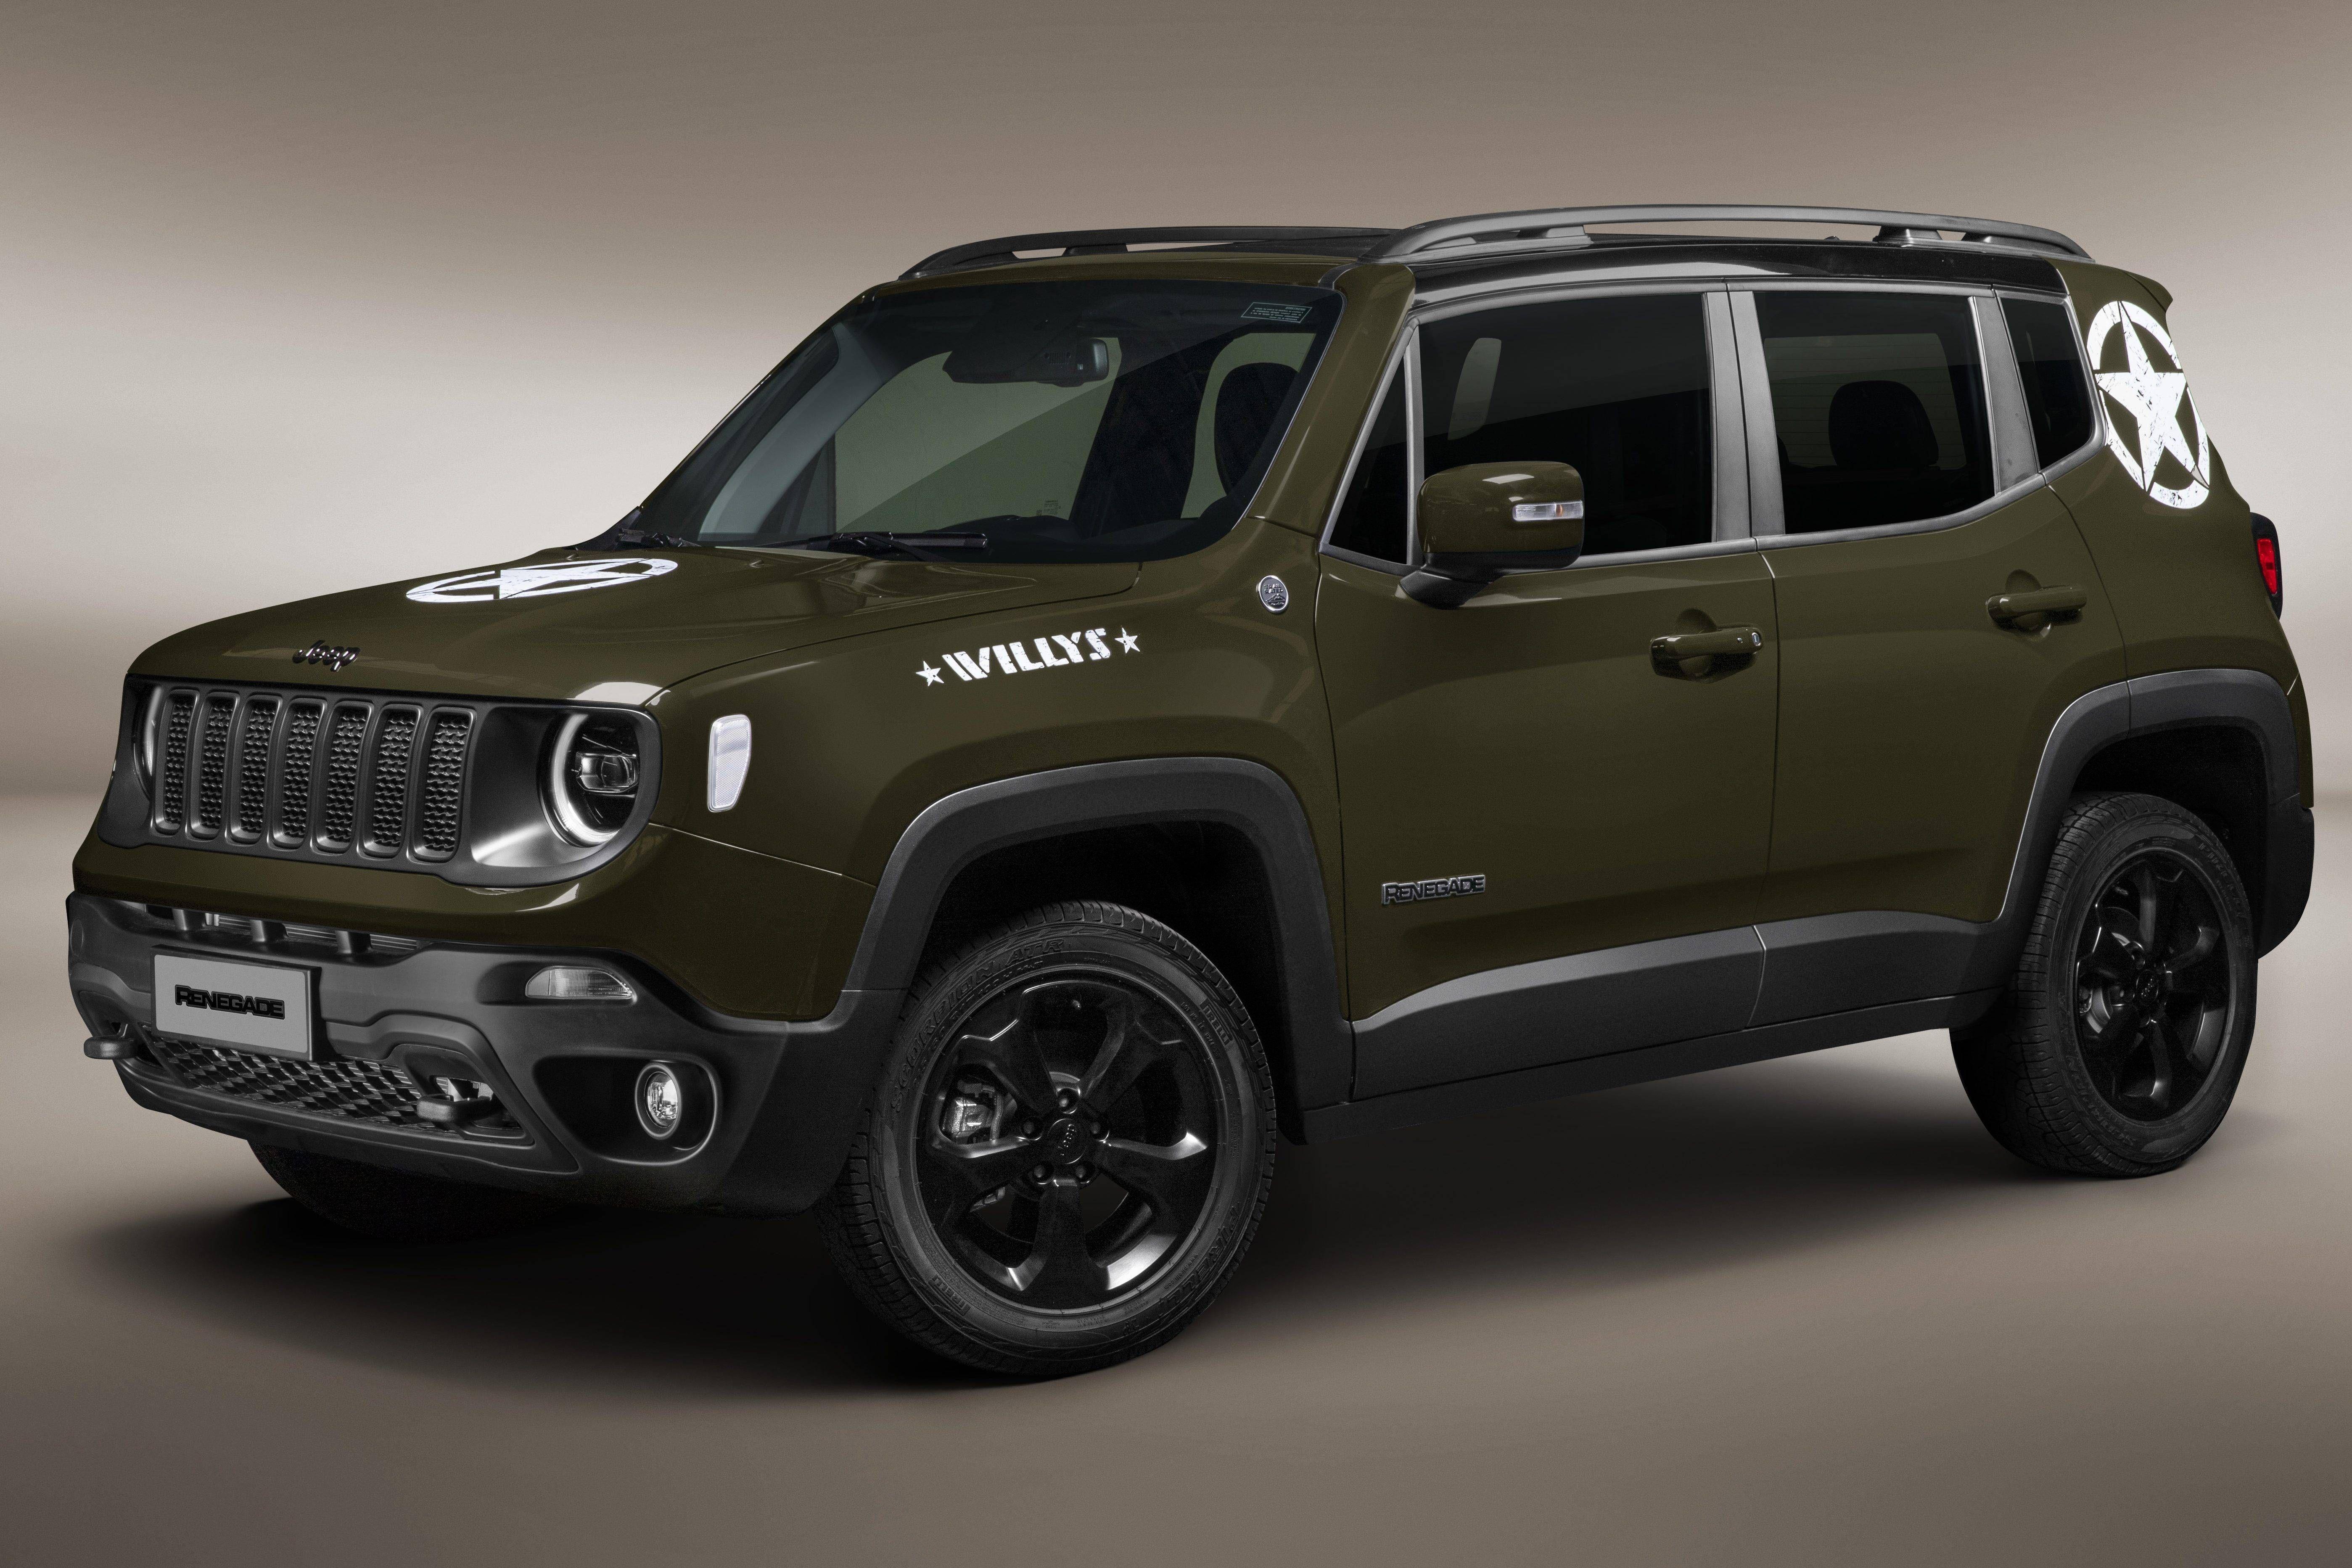 Edicao Especial Do Jeep Renegade Homenageia O Willys Overland